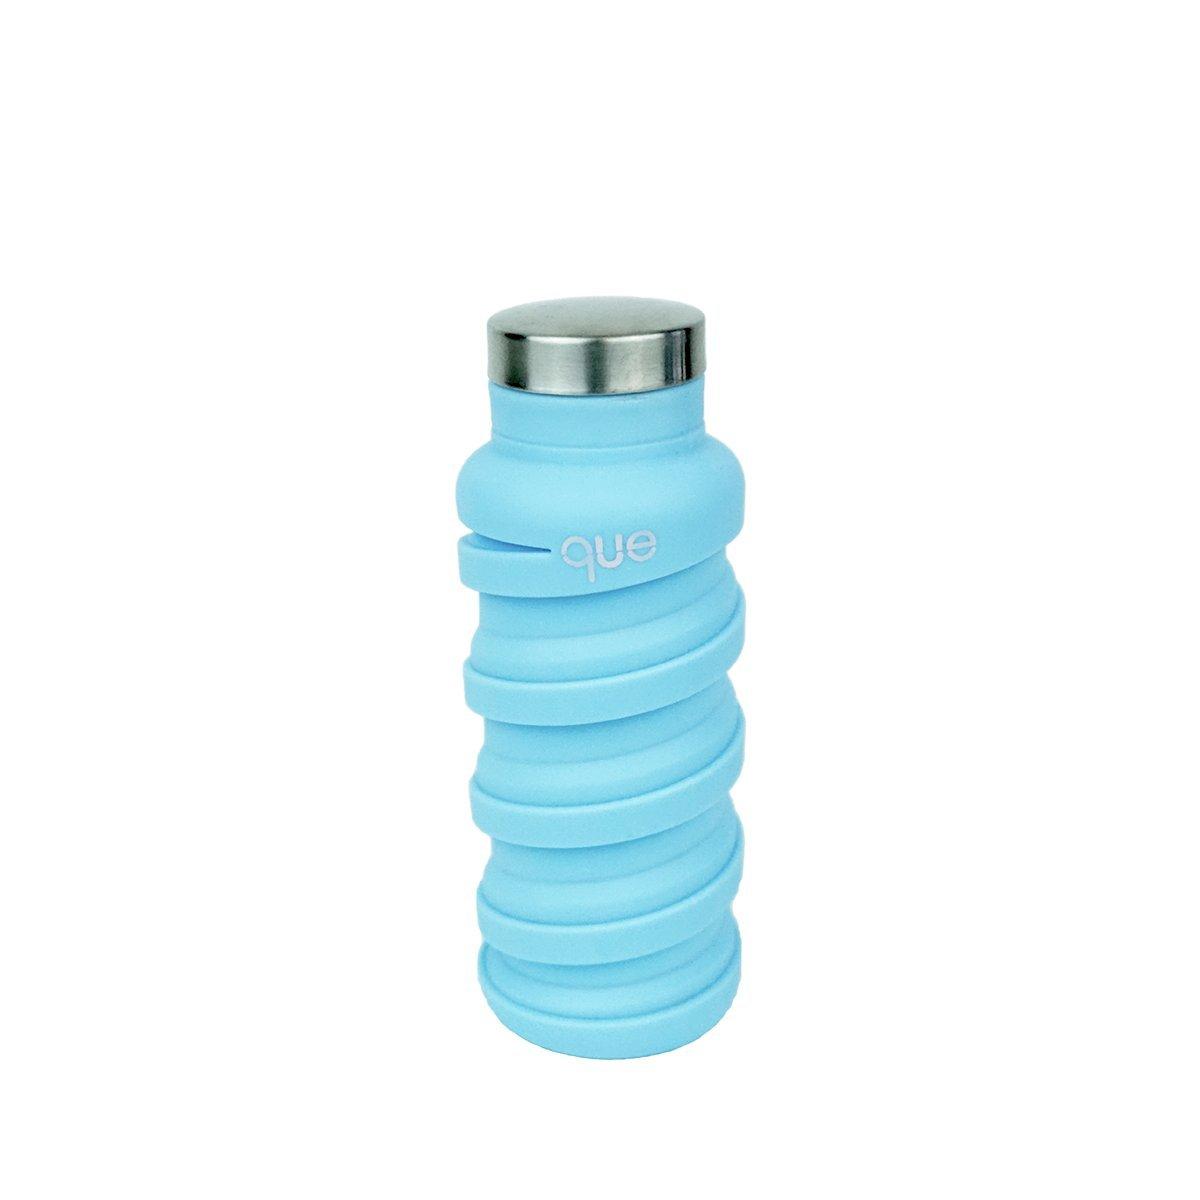 伸縮自在!噂のスーパー水筒「que Bottle(キューボトル)」が日本初上陸!の画像